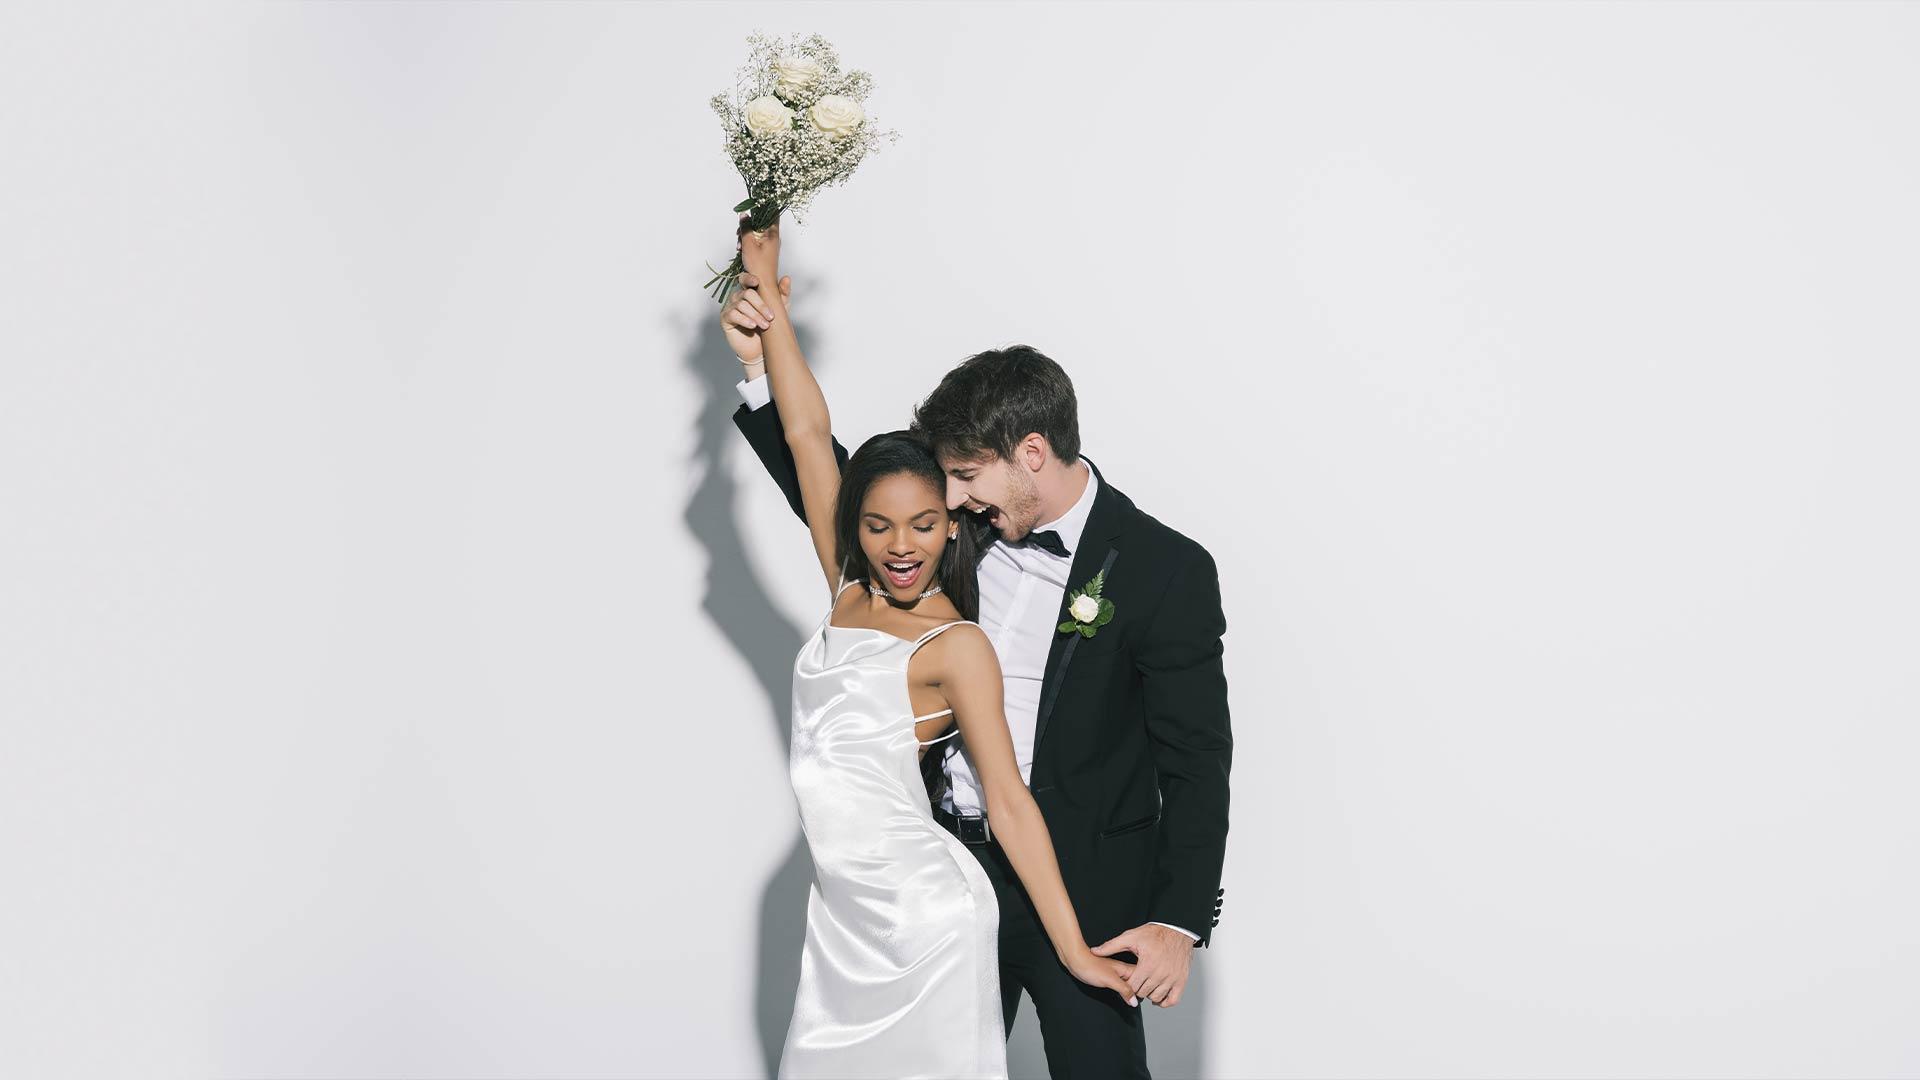 свадьба, жених и несеста